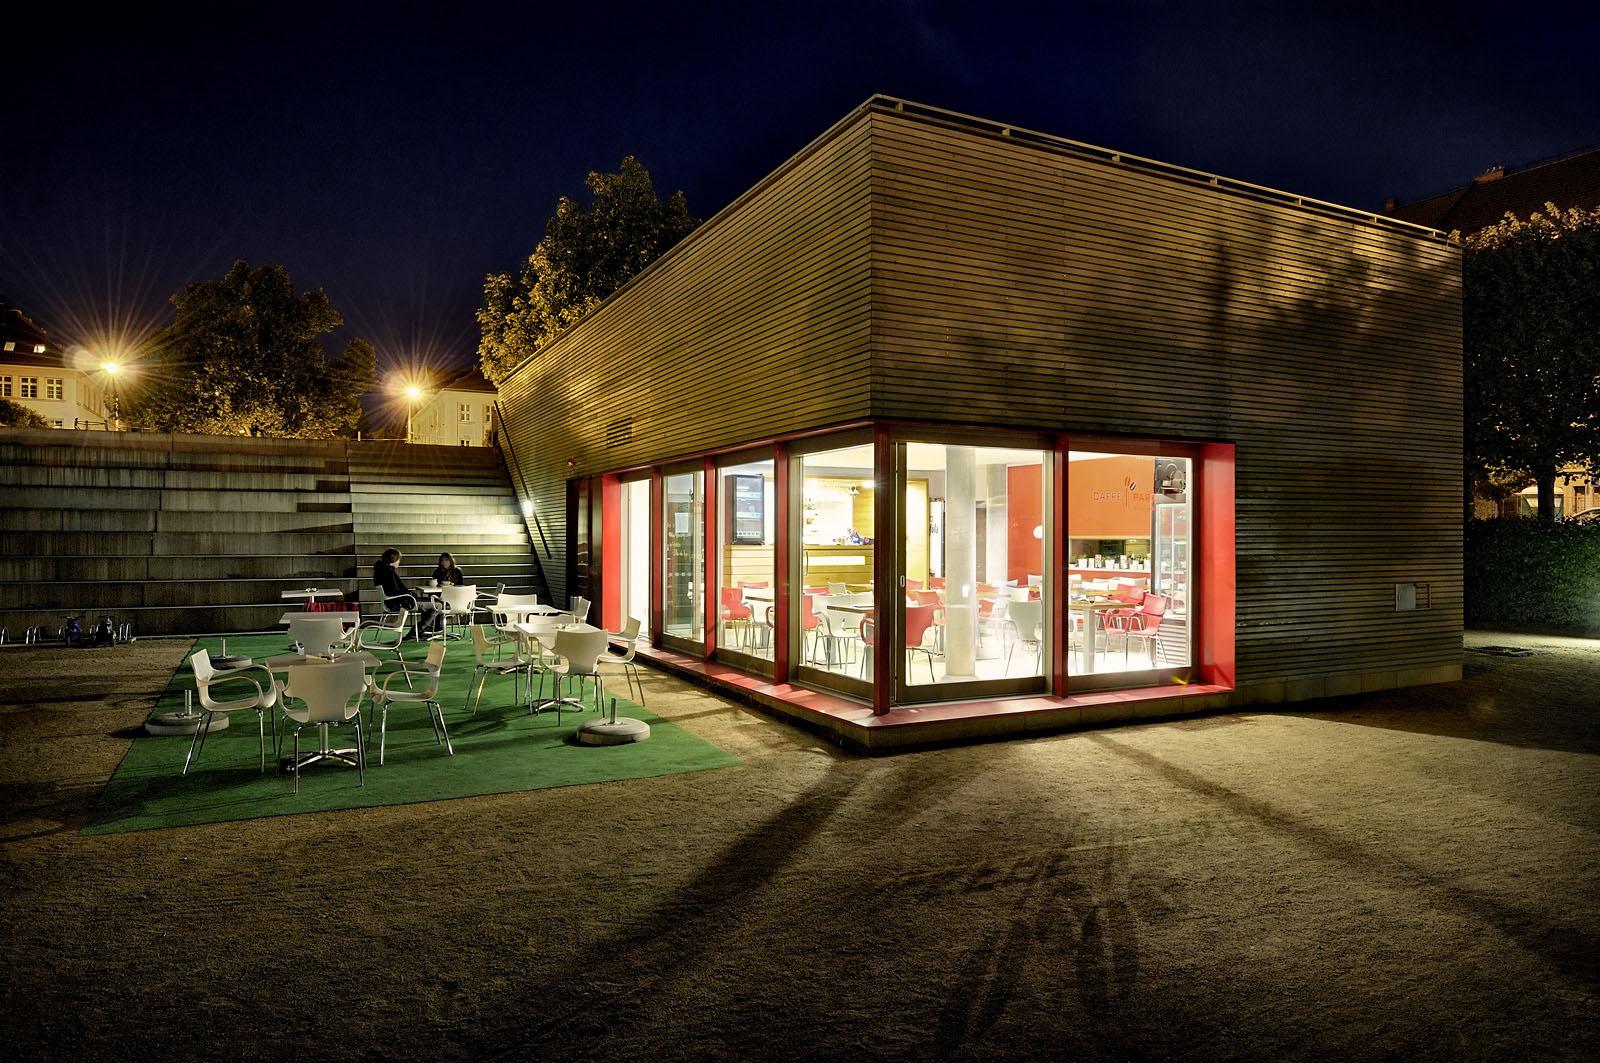 Kavárna v parku na Slovanském náměstí | Brno | 01